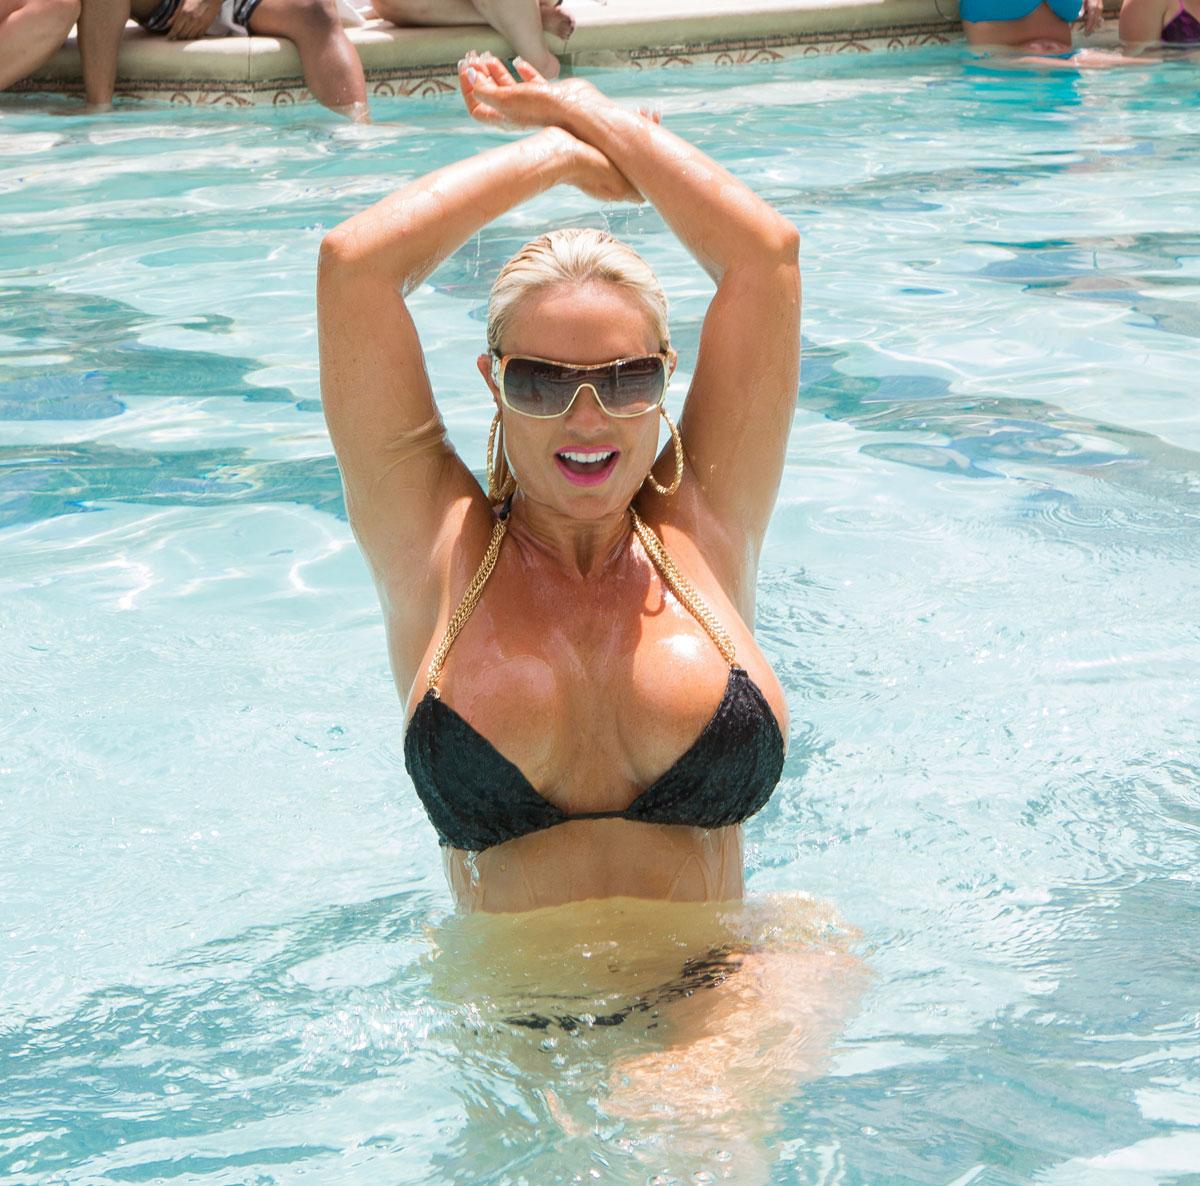 coco bikini Nicole austin